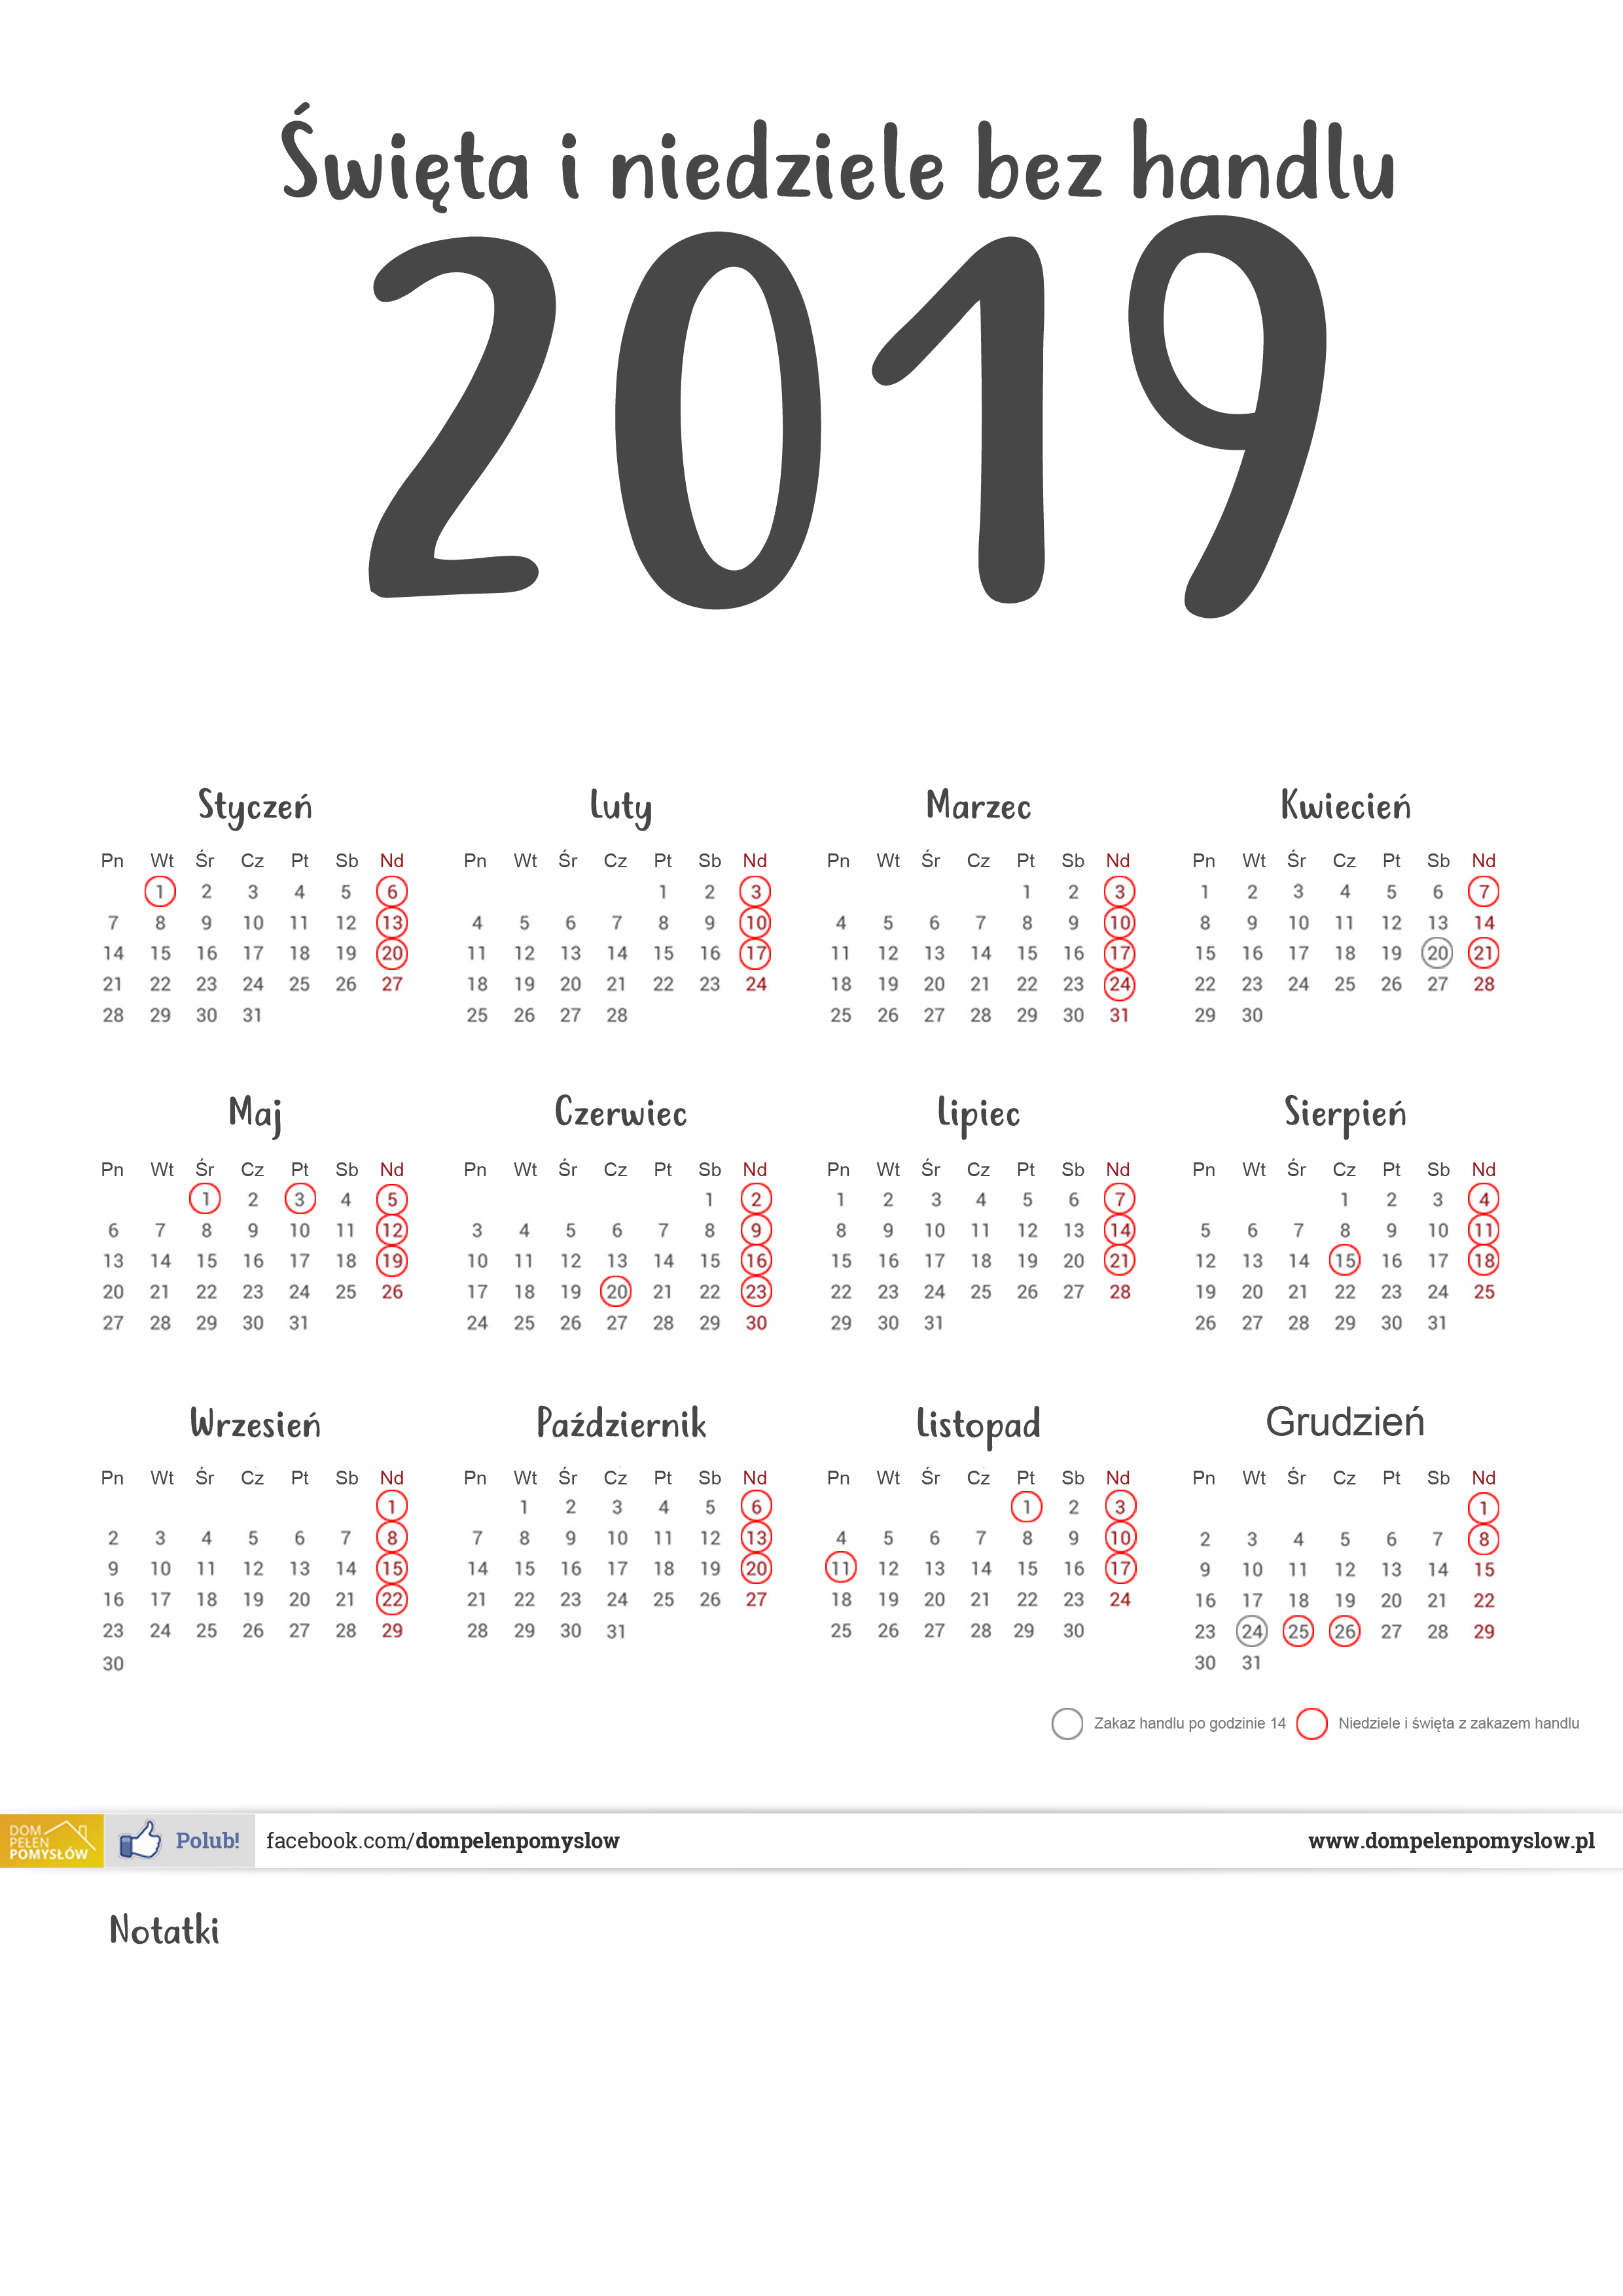 Niedziele Bez Handlu W 2019 Roku Zakaz Handlu W Niedziele